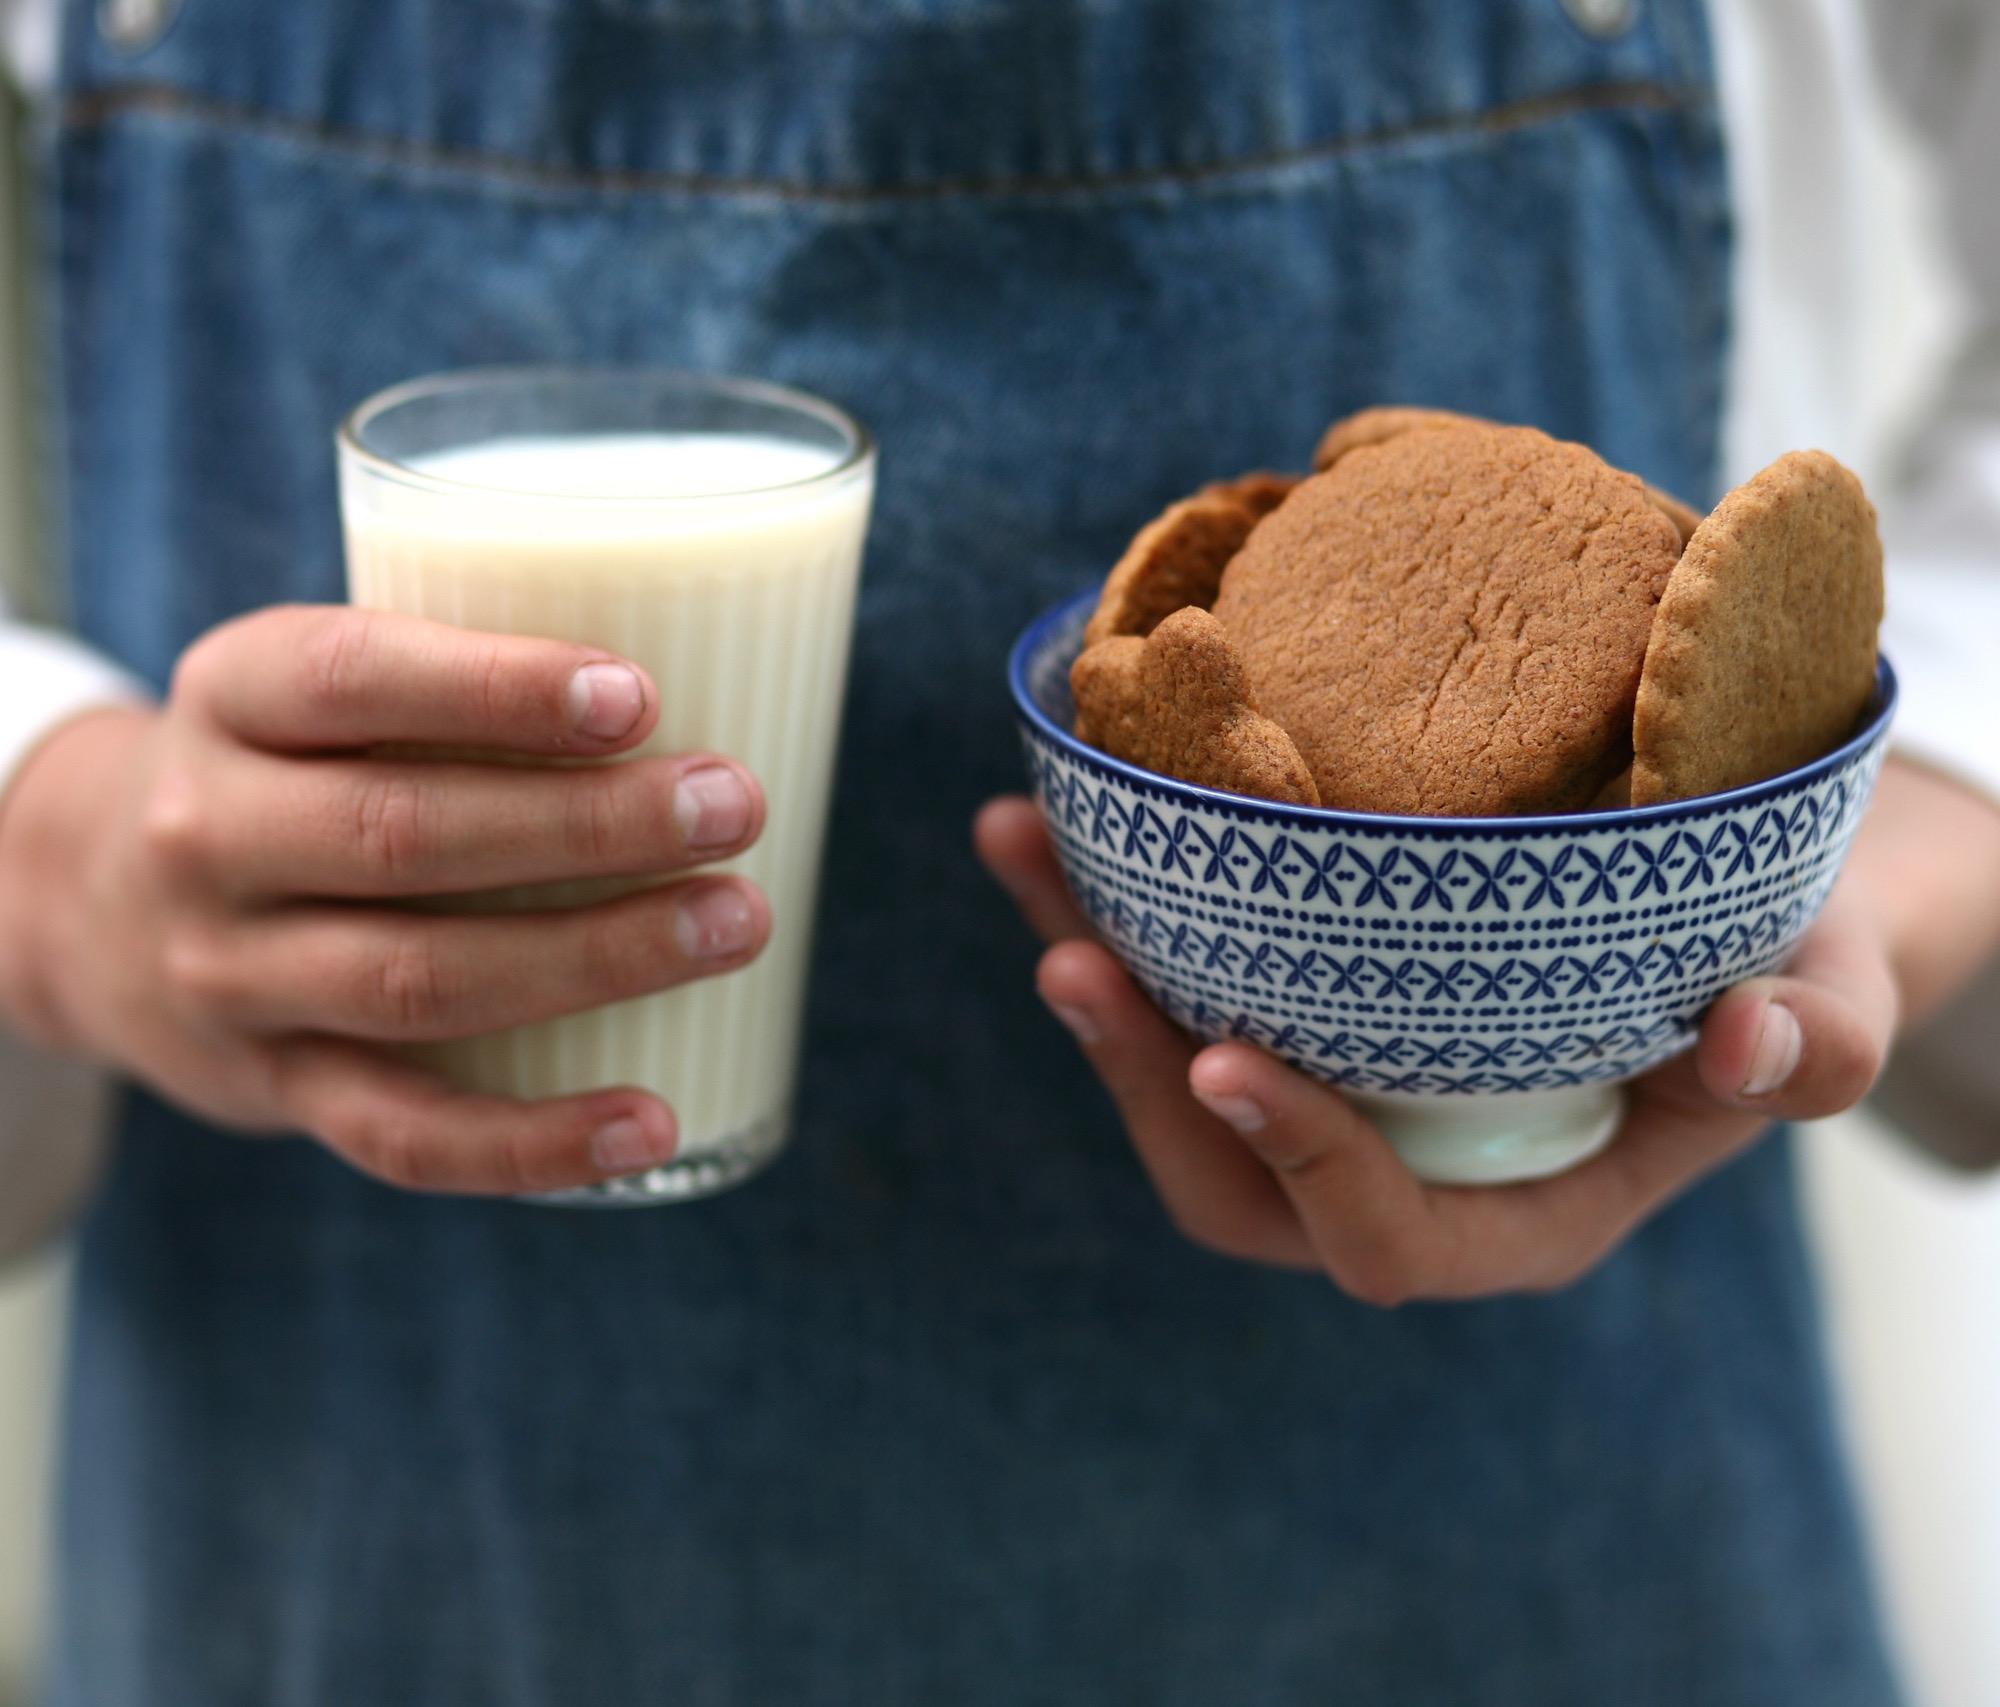 עוגיות ג׳ינג׳ר וקינמון בקערה